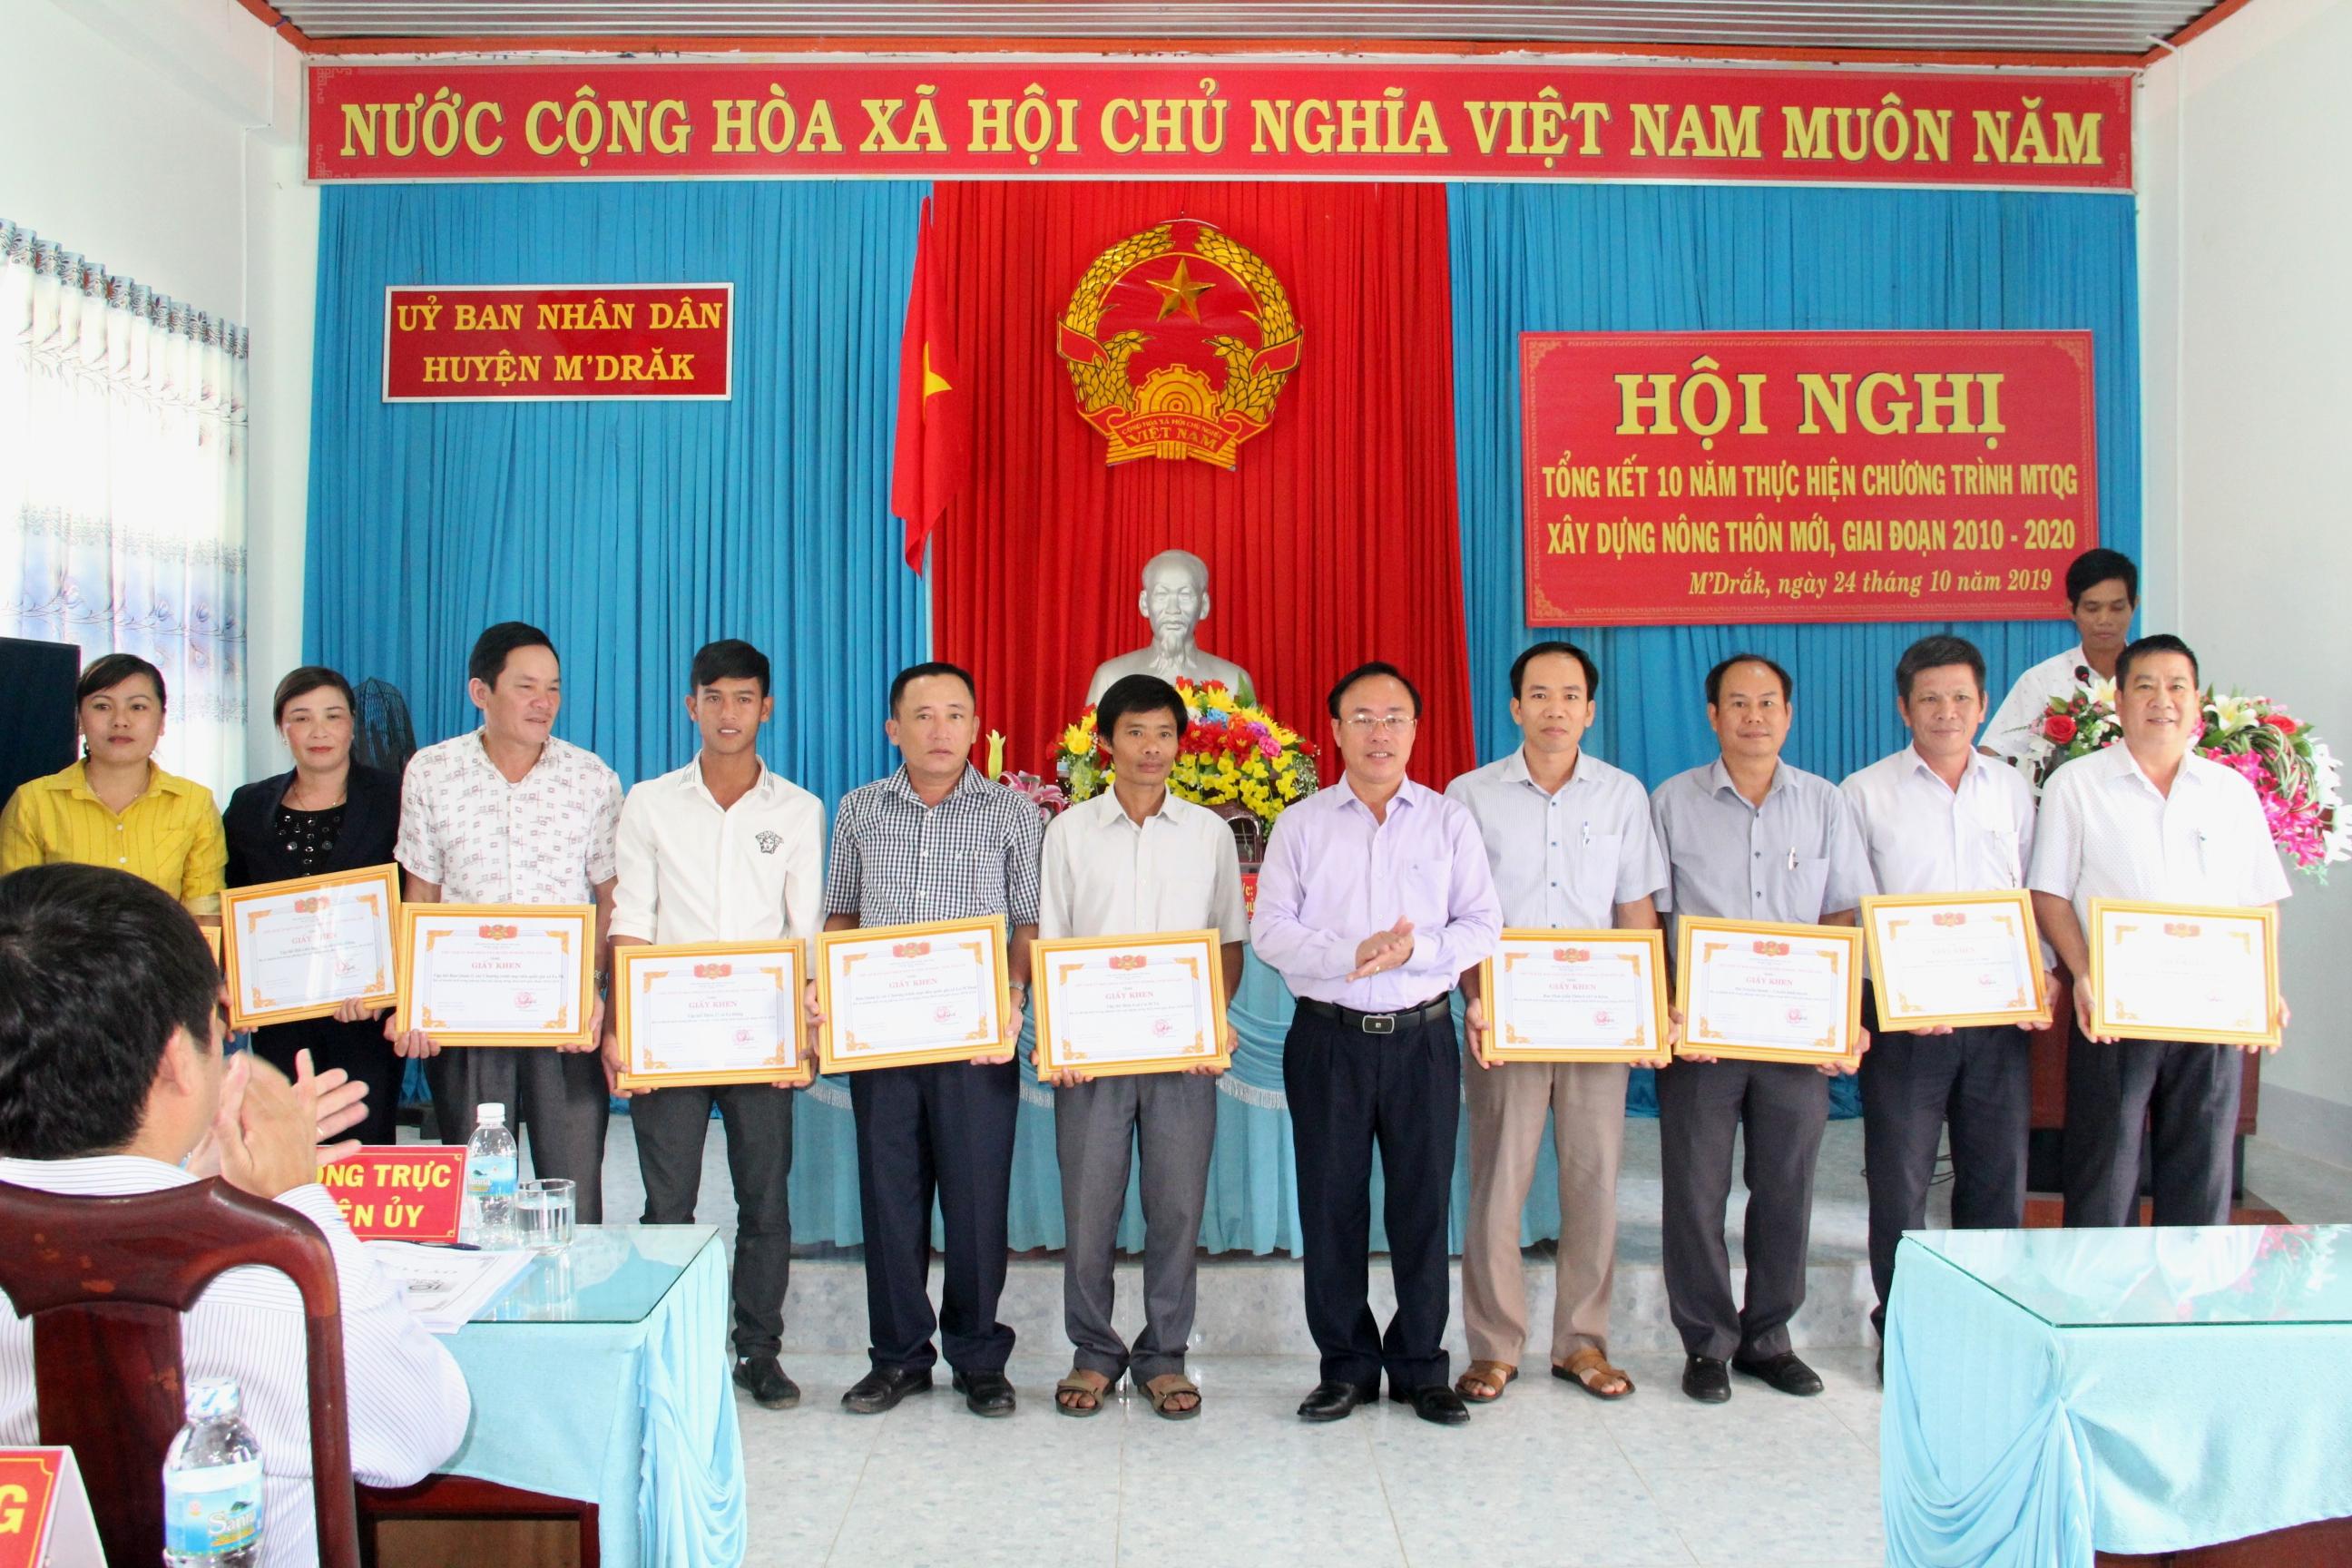 Huyện M'Drắk: Tổng kết 10 thực hiện Chương trình mục tiêu quốc gia xây dựng Nông thôn mới